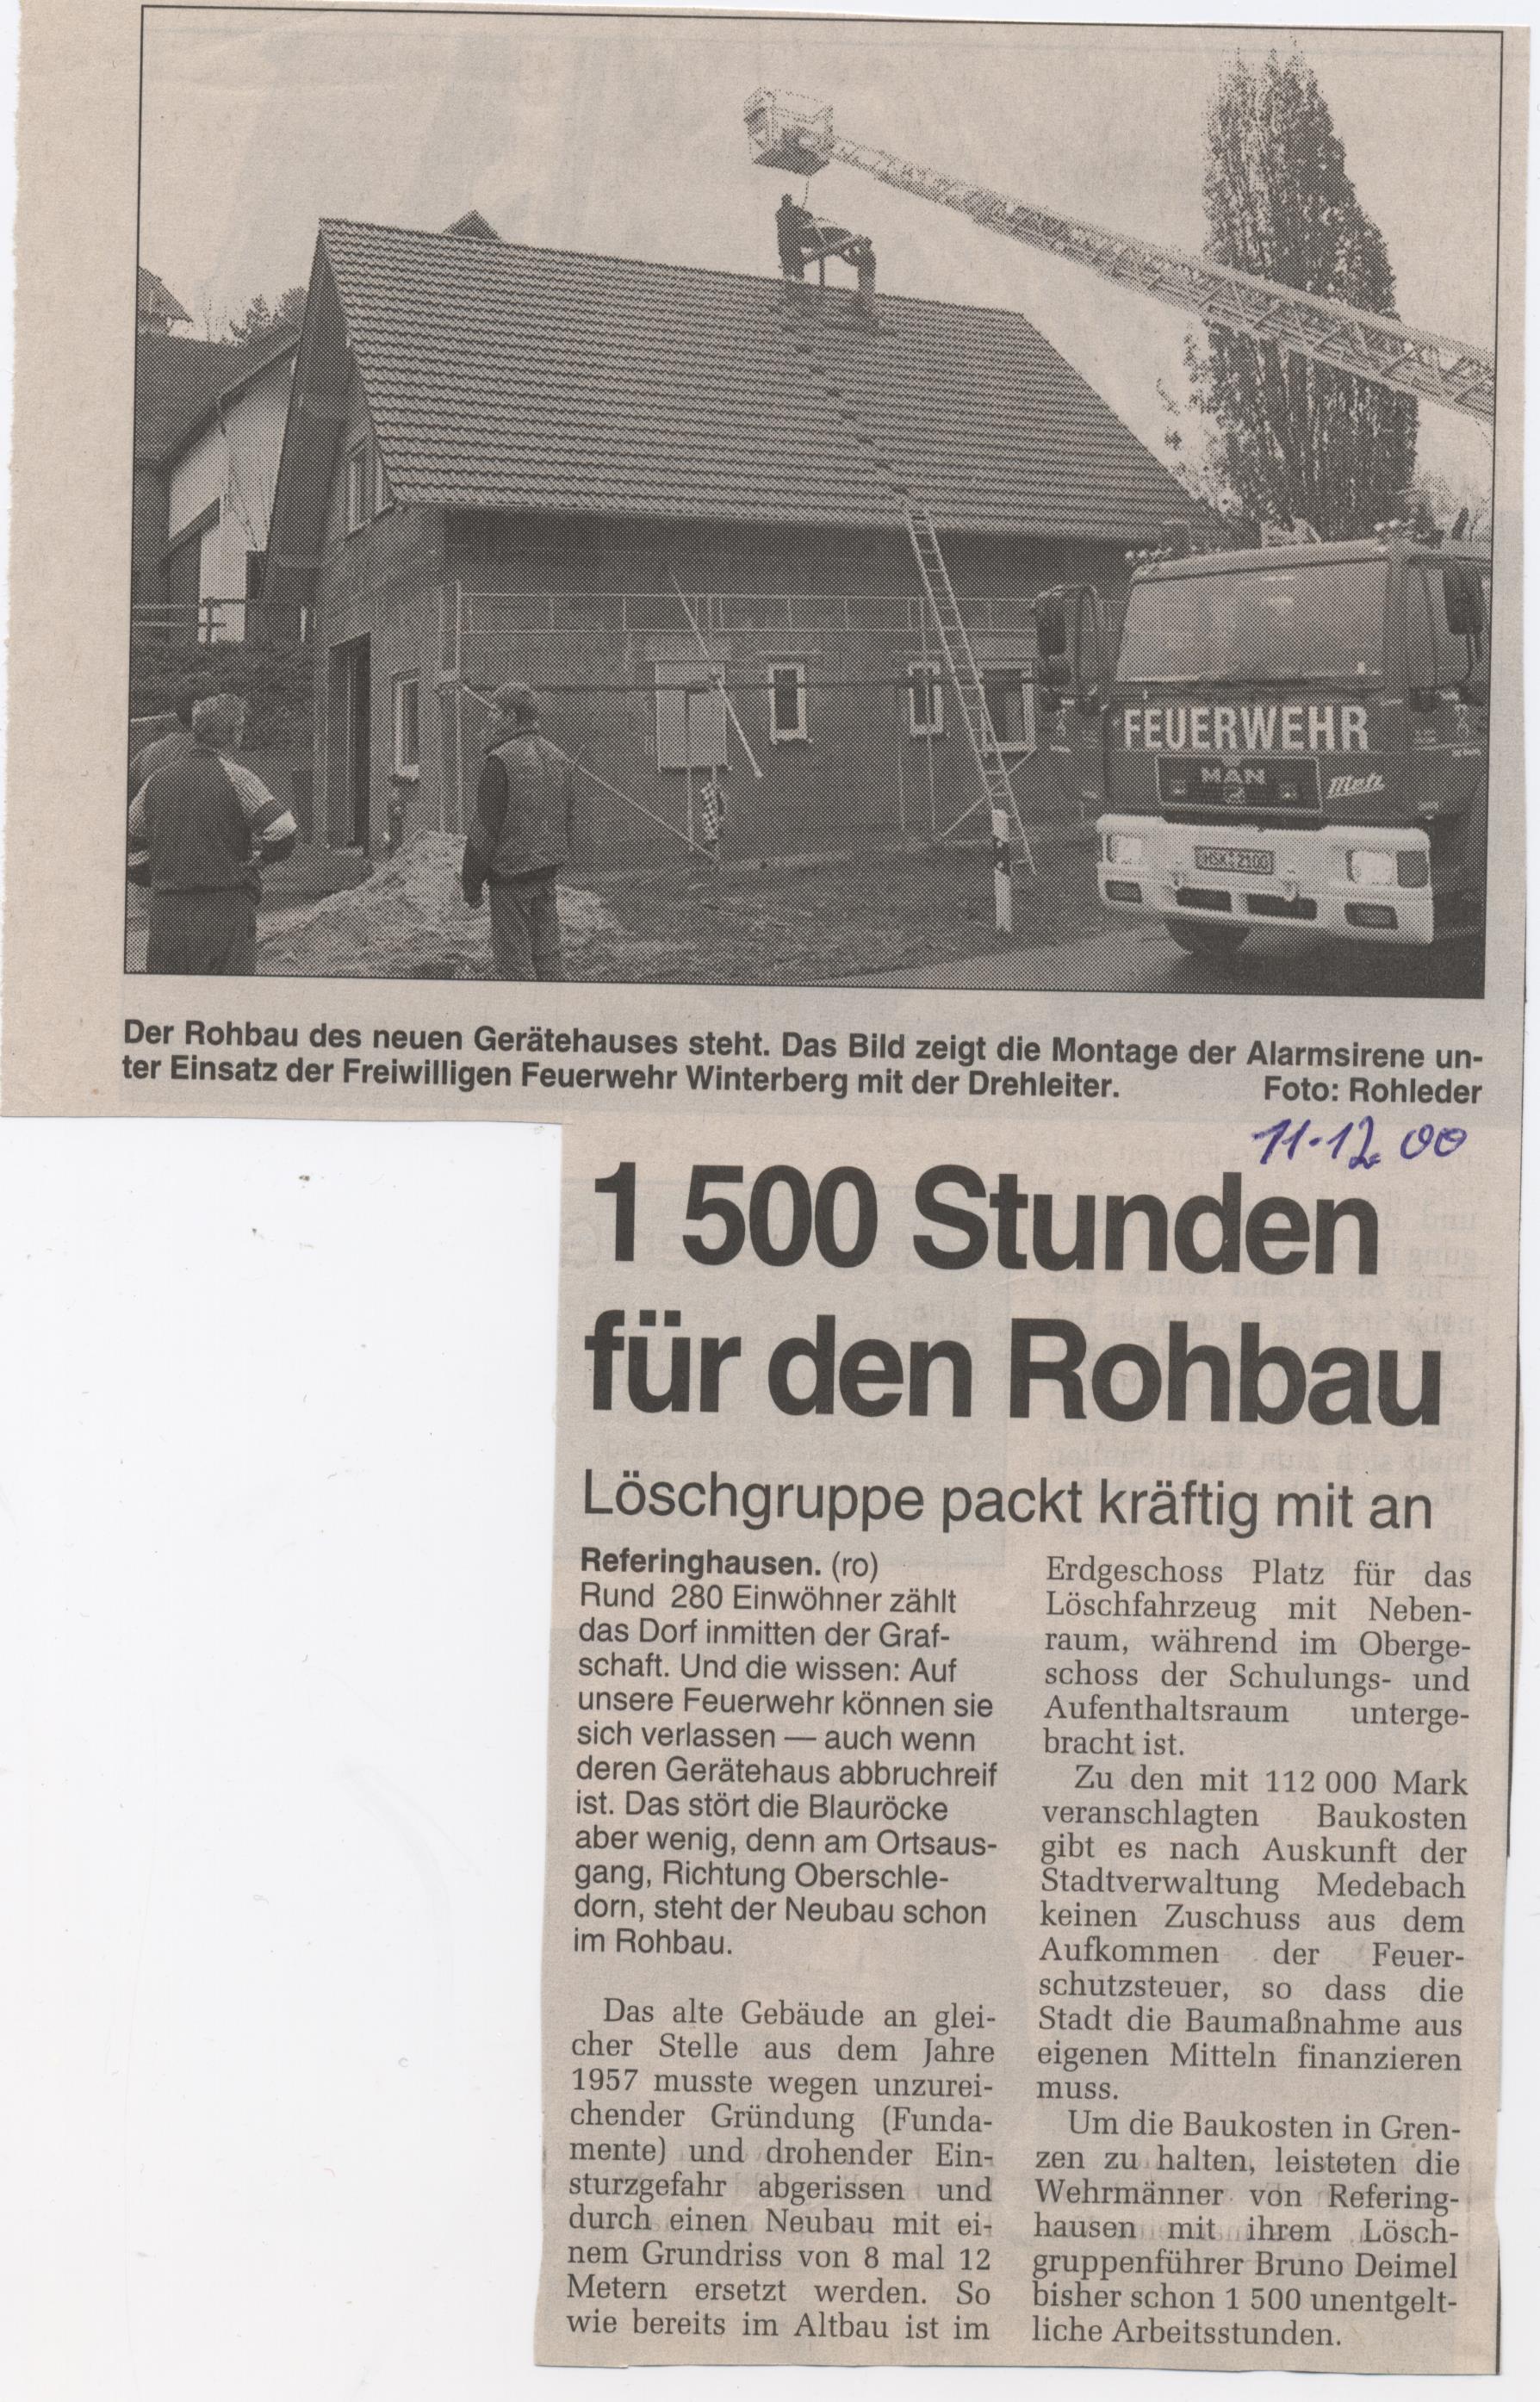 1500 Stunden Rohbau Feuerwehrhaus